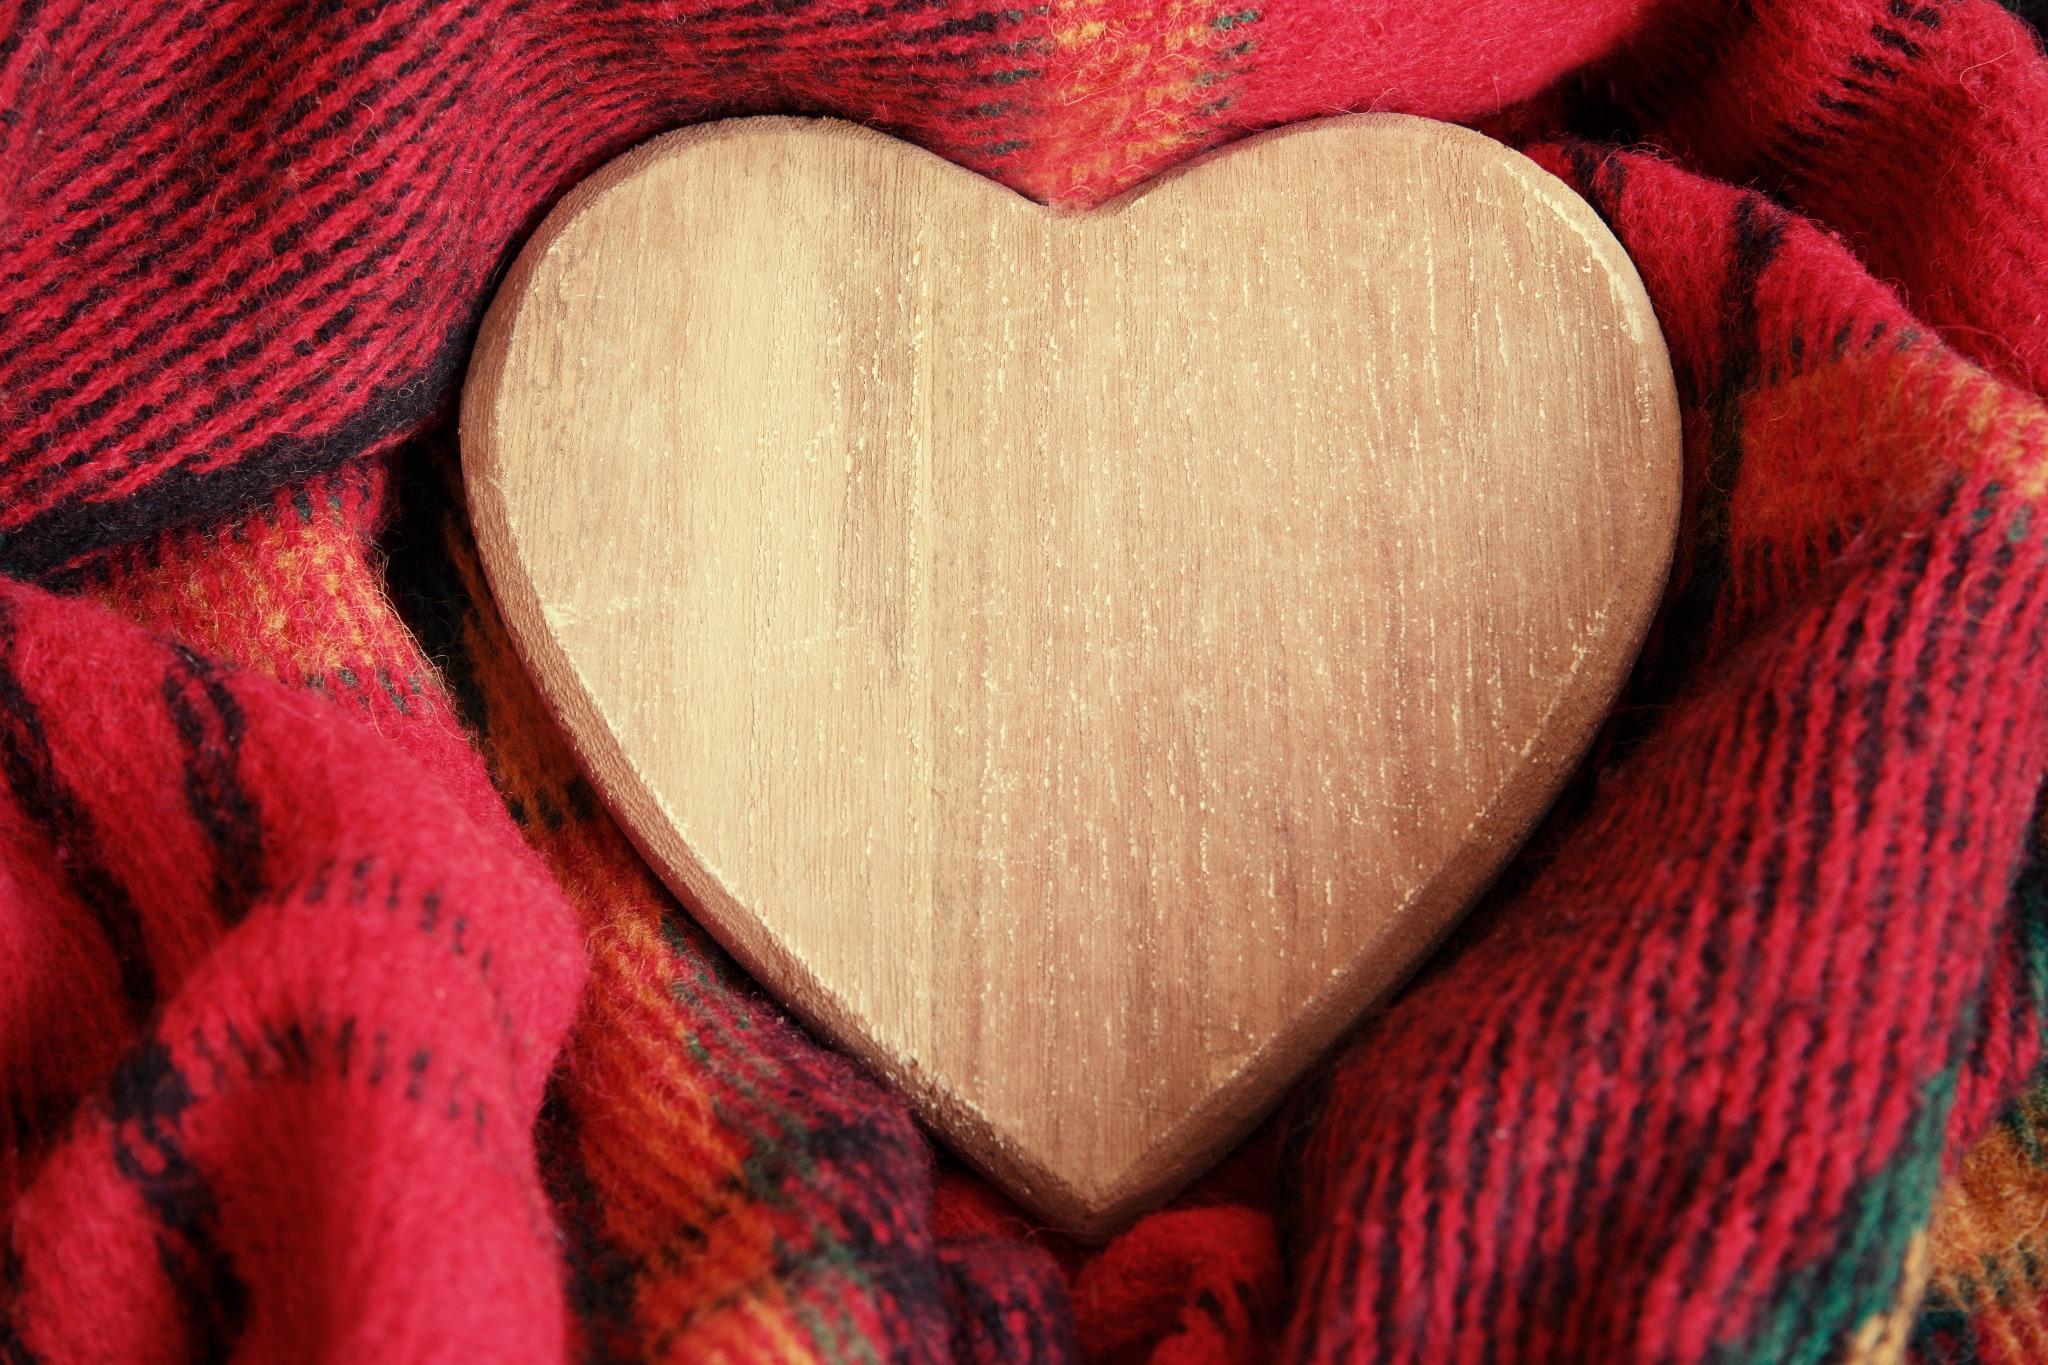 A wooden heart wrapped in tartan